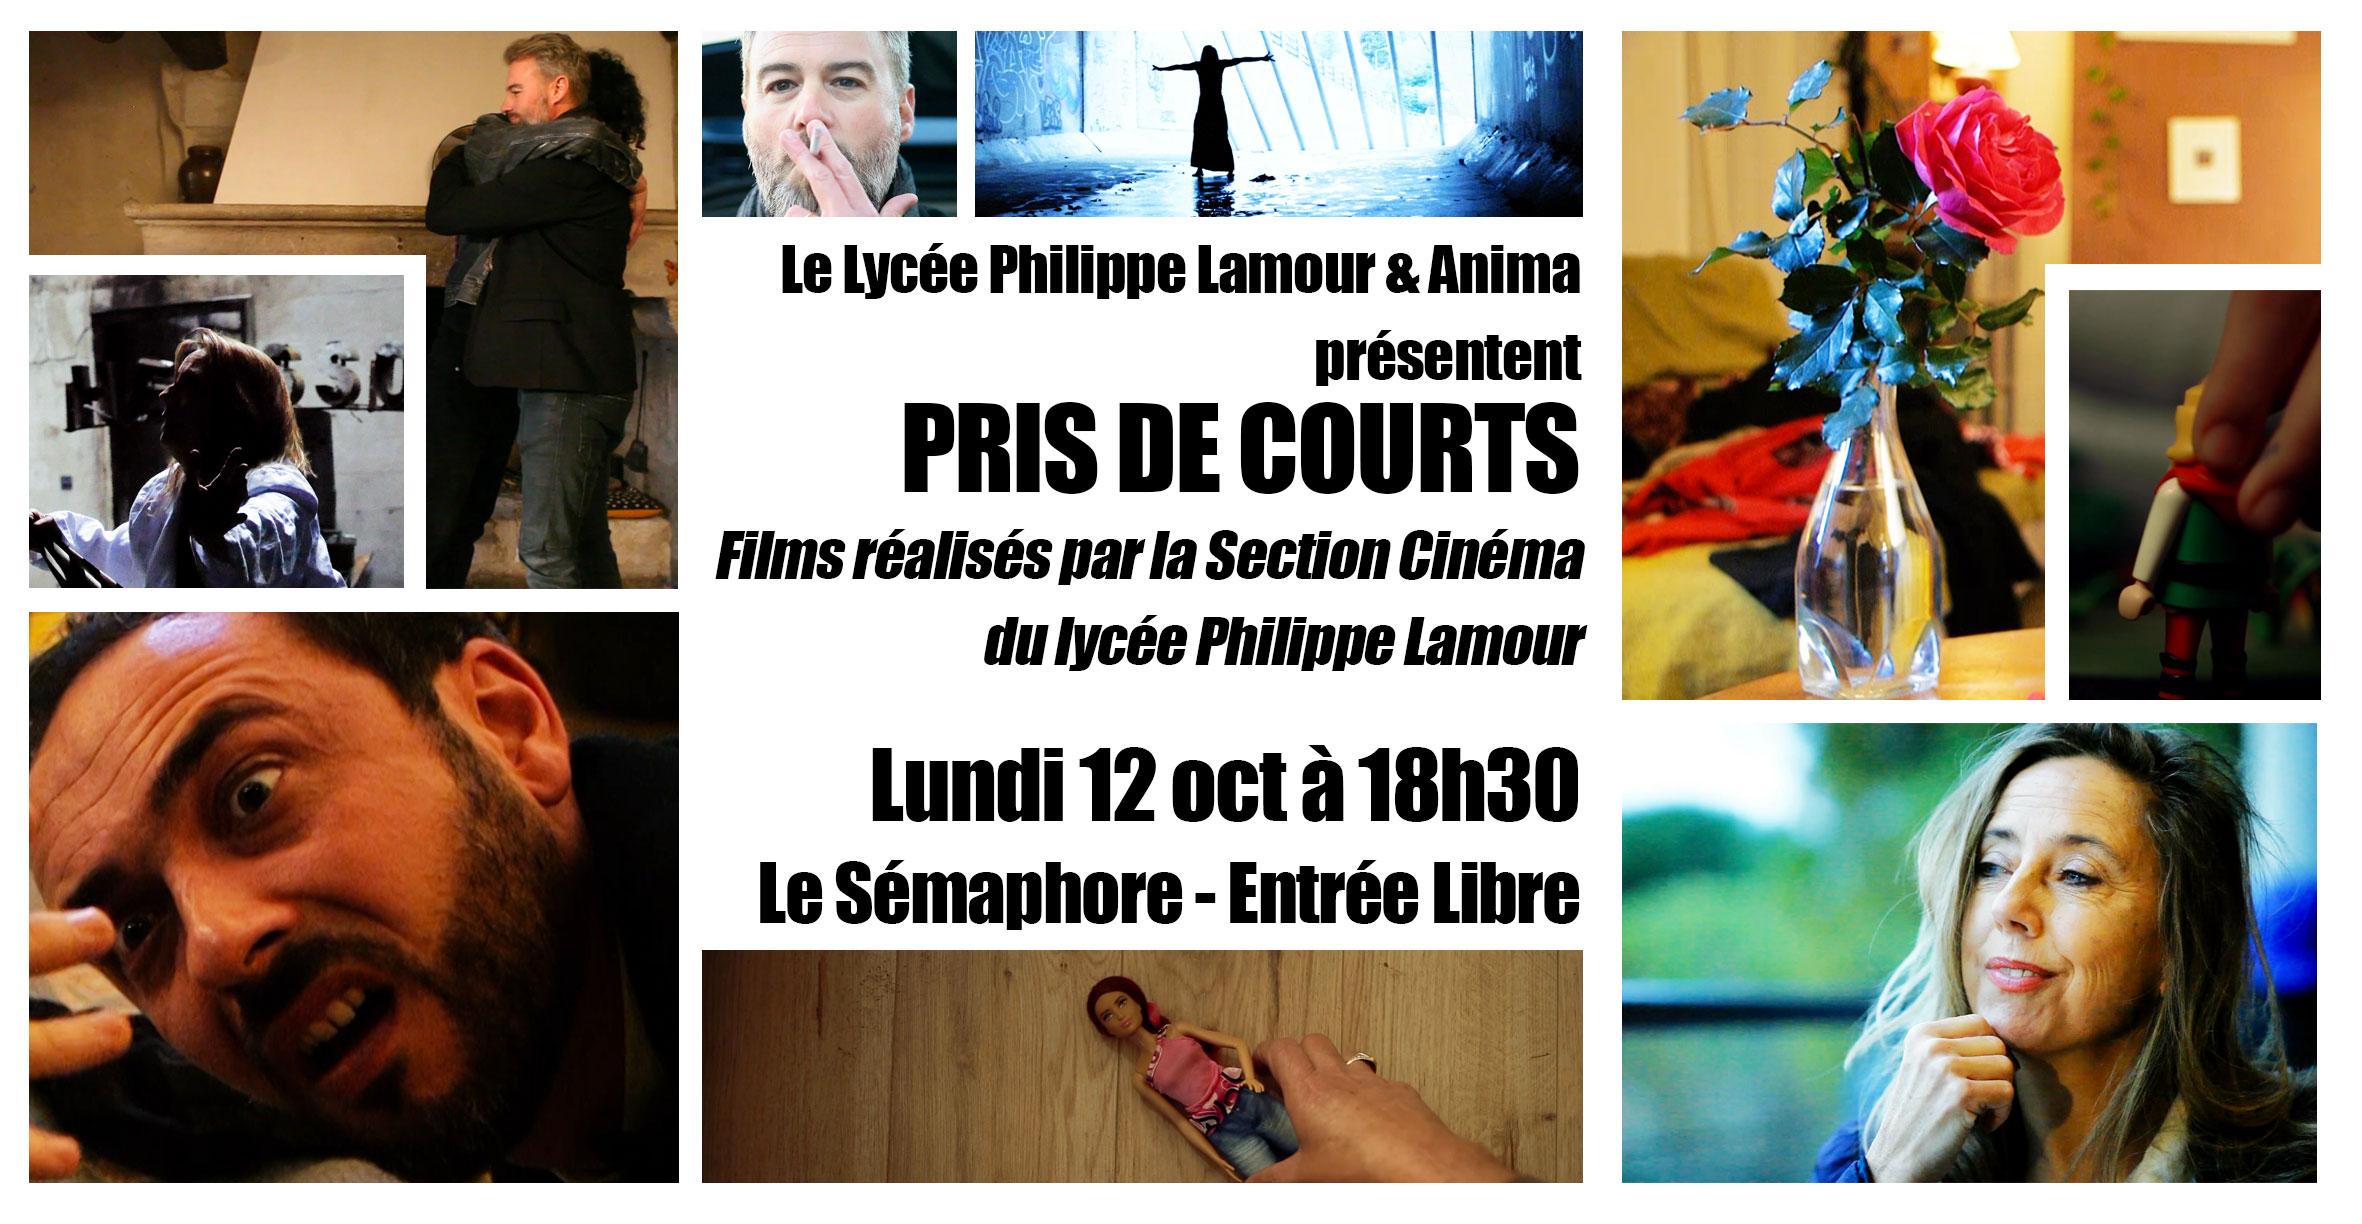 Pris de courts 2020 – Projection des films de la section cinéma du lycée Philippe Lamour